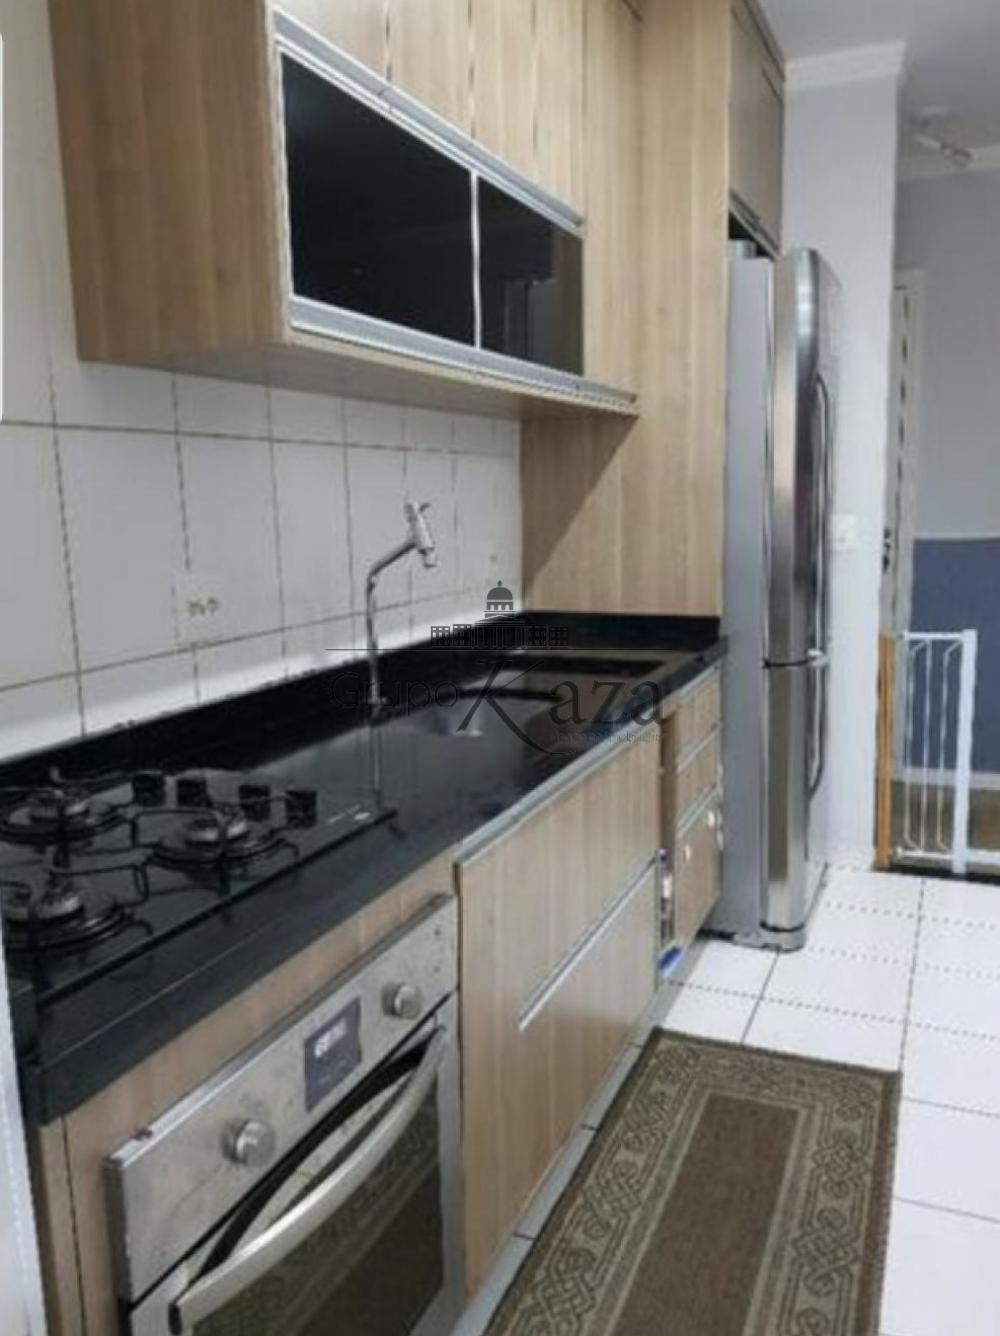 alt='Alugar Apartamento / Padrão em São José dos Campos R$ 2.500,00 - Foto 8' title='Alugar Apartamento / Padrão em São José dos Campos R$ 2.500,00 - Foto 8'